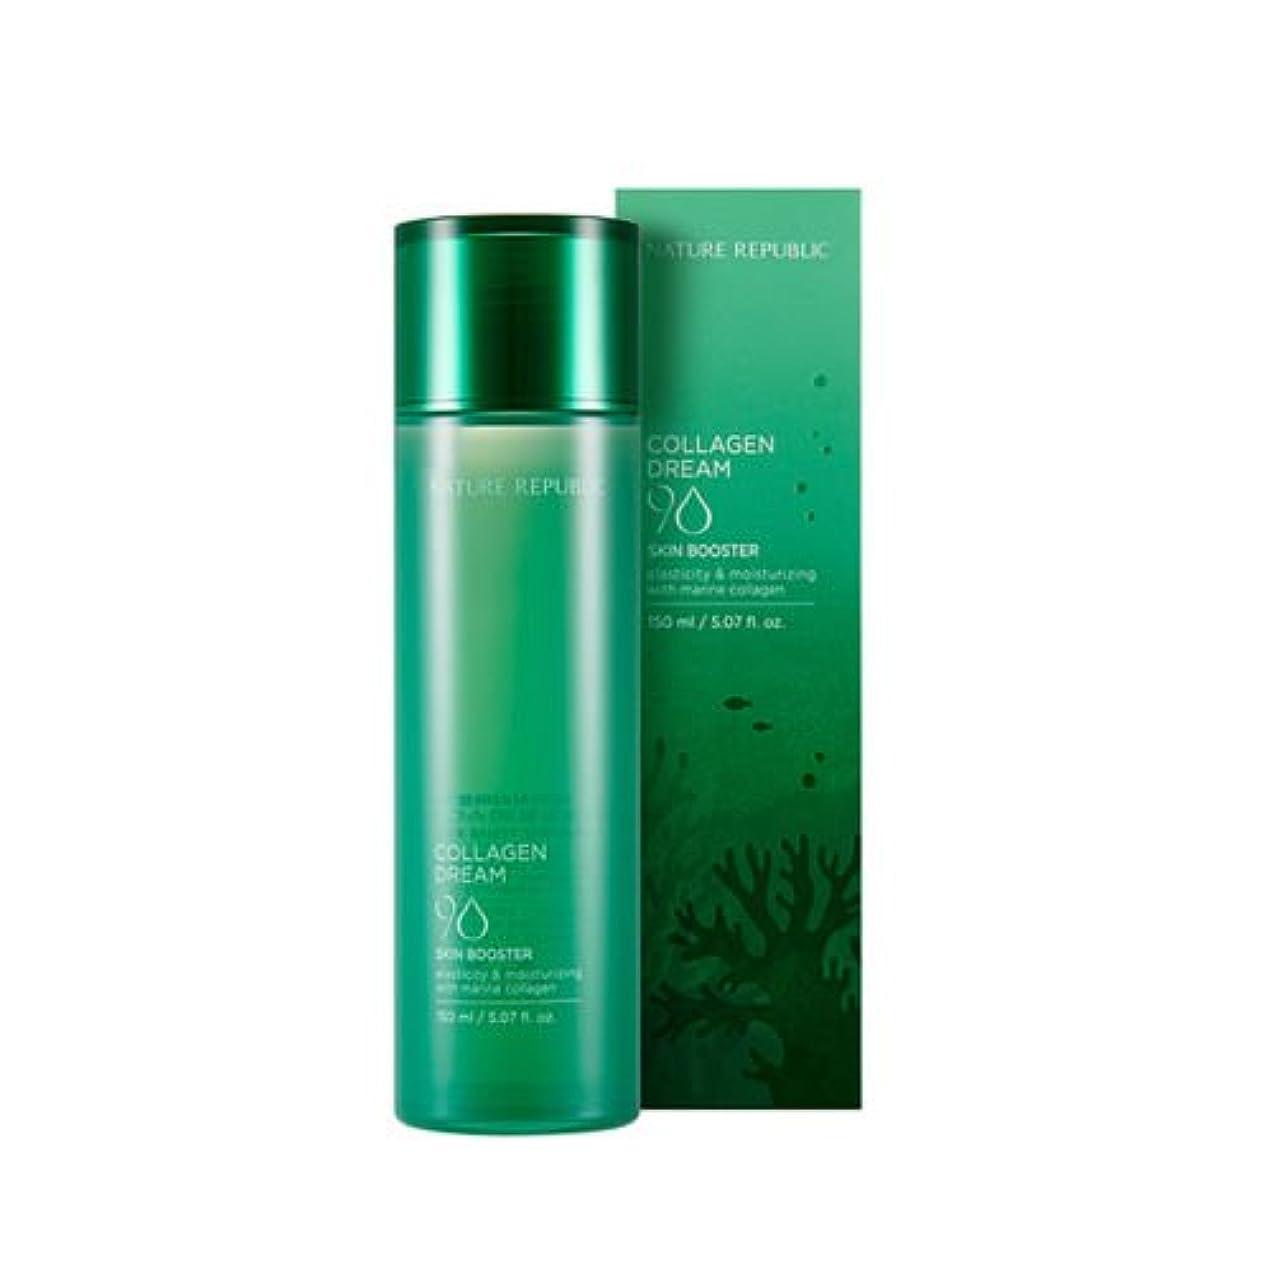 領域ペリスコープ干渉NATURE REPUBLIC(ネイチャーリパブリック) COLLAGEN DREAM 90 Skin Booster コラーゲンドリーム90スキンブースター(化粧水)